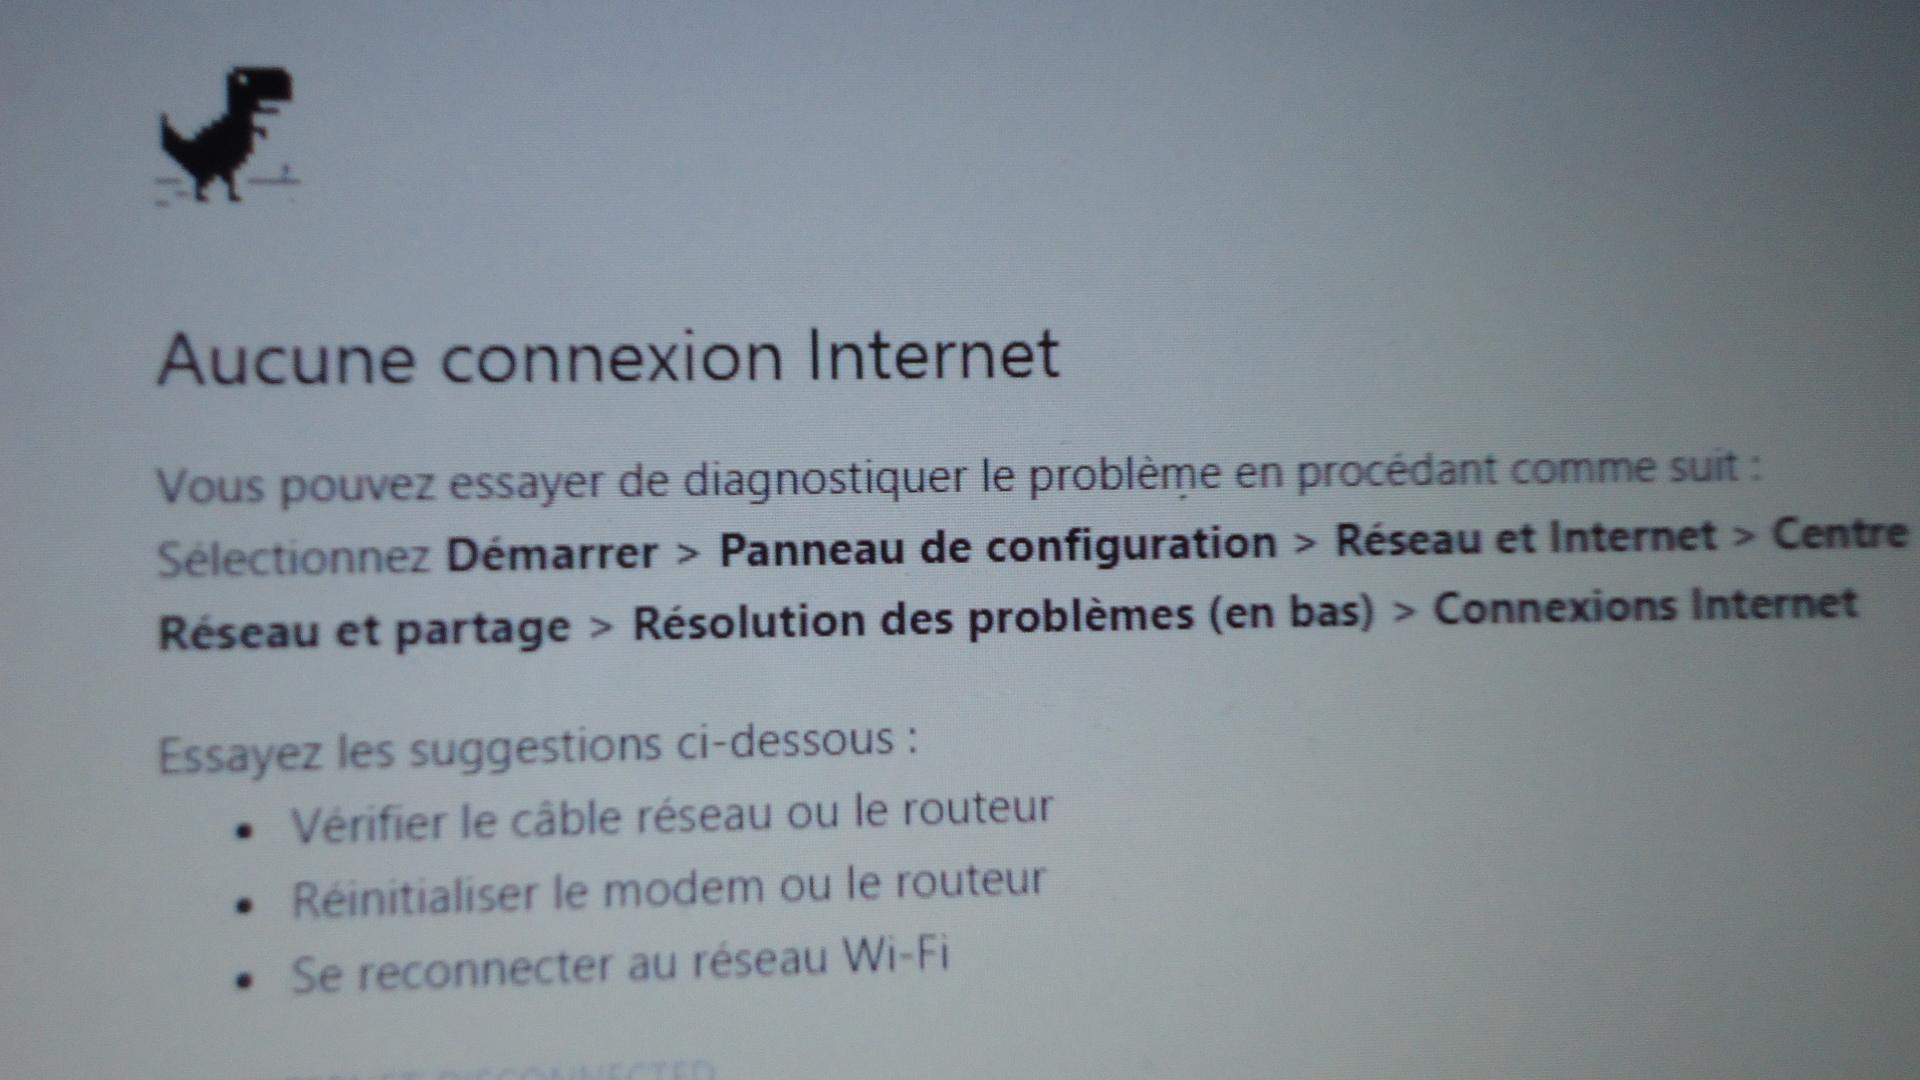 Sans connexion internet, les clients exigent l'amélioration de la qualité du service